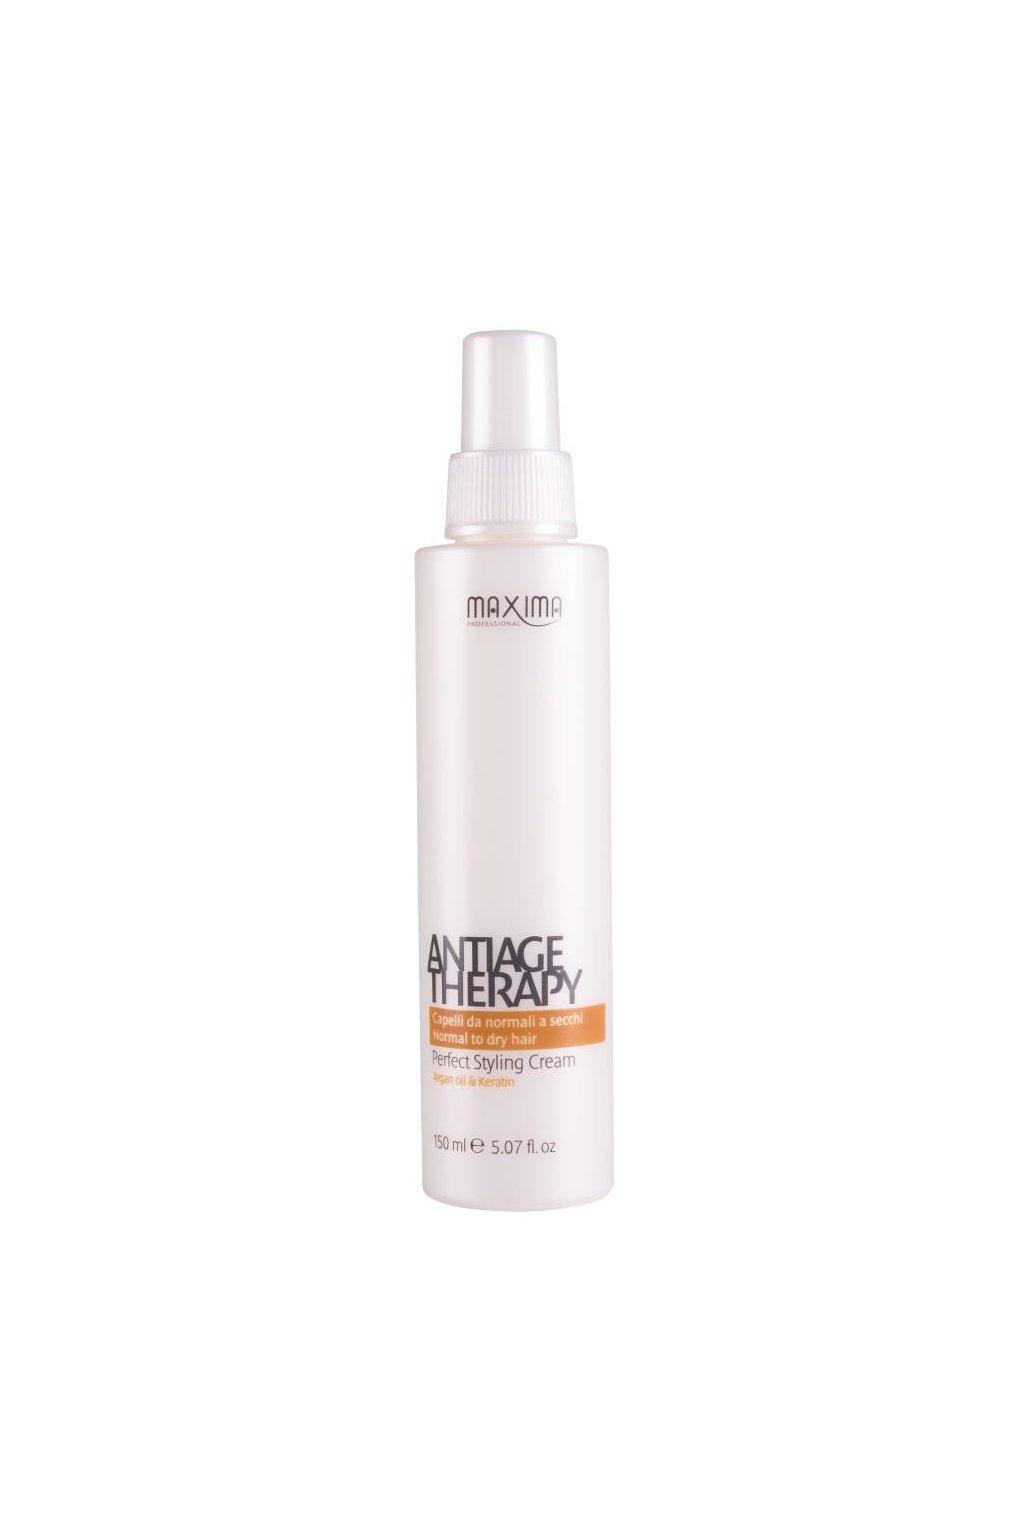 Maxima ANTIAGE Sérum Styling Cream pro obnovu přirozené krásy vlasů a obnovu konečků 150ml